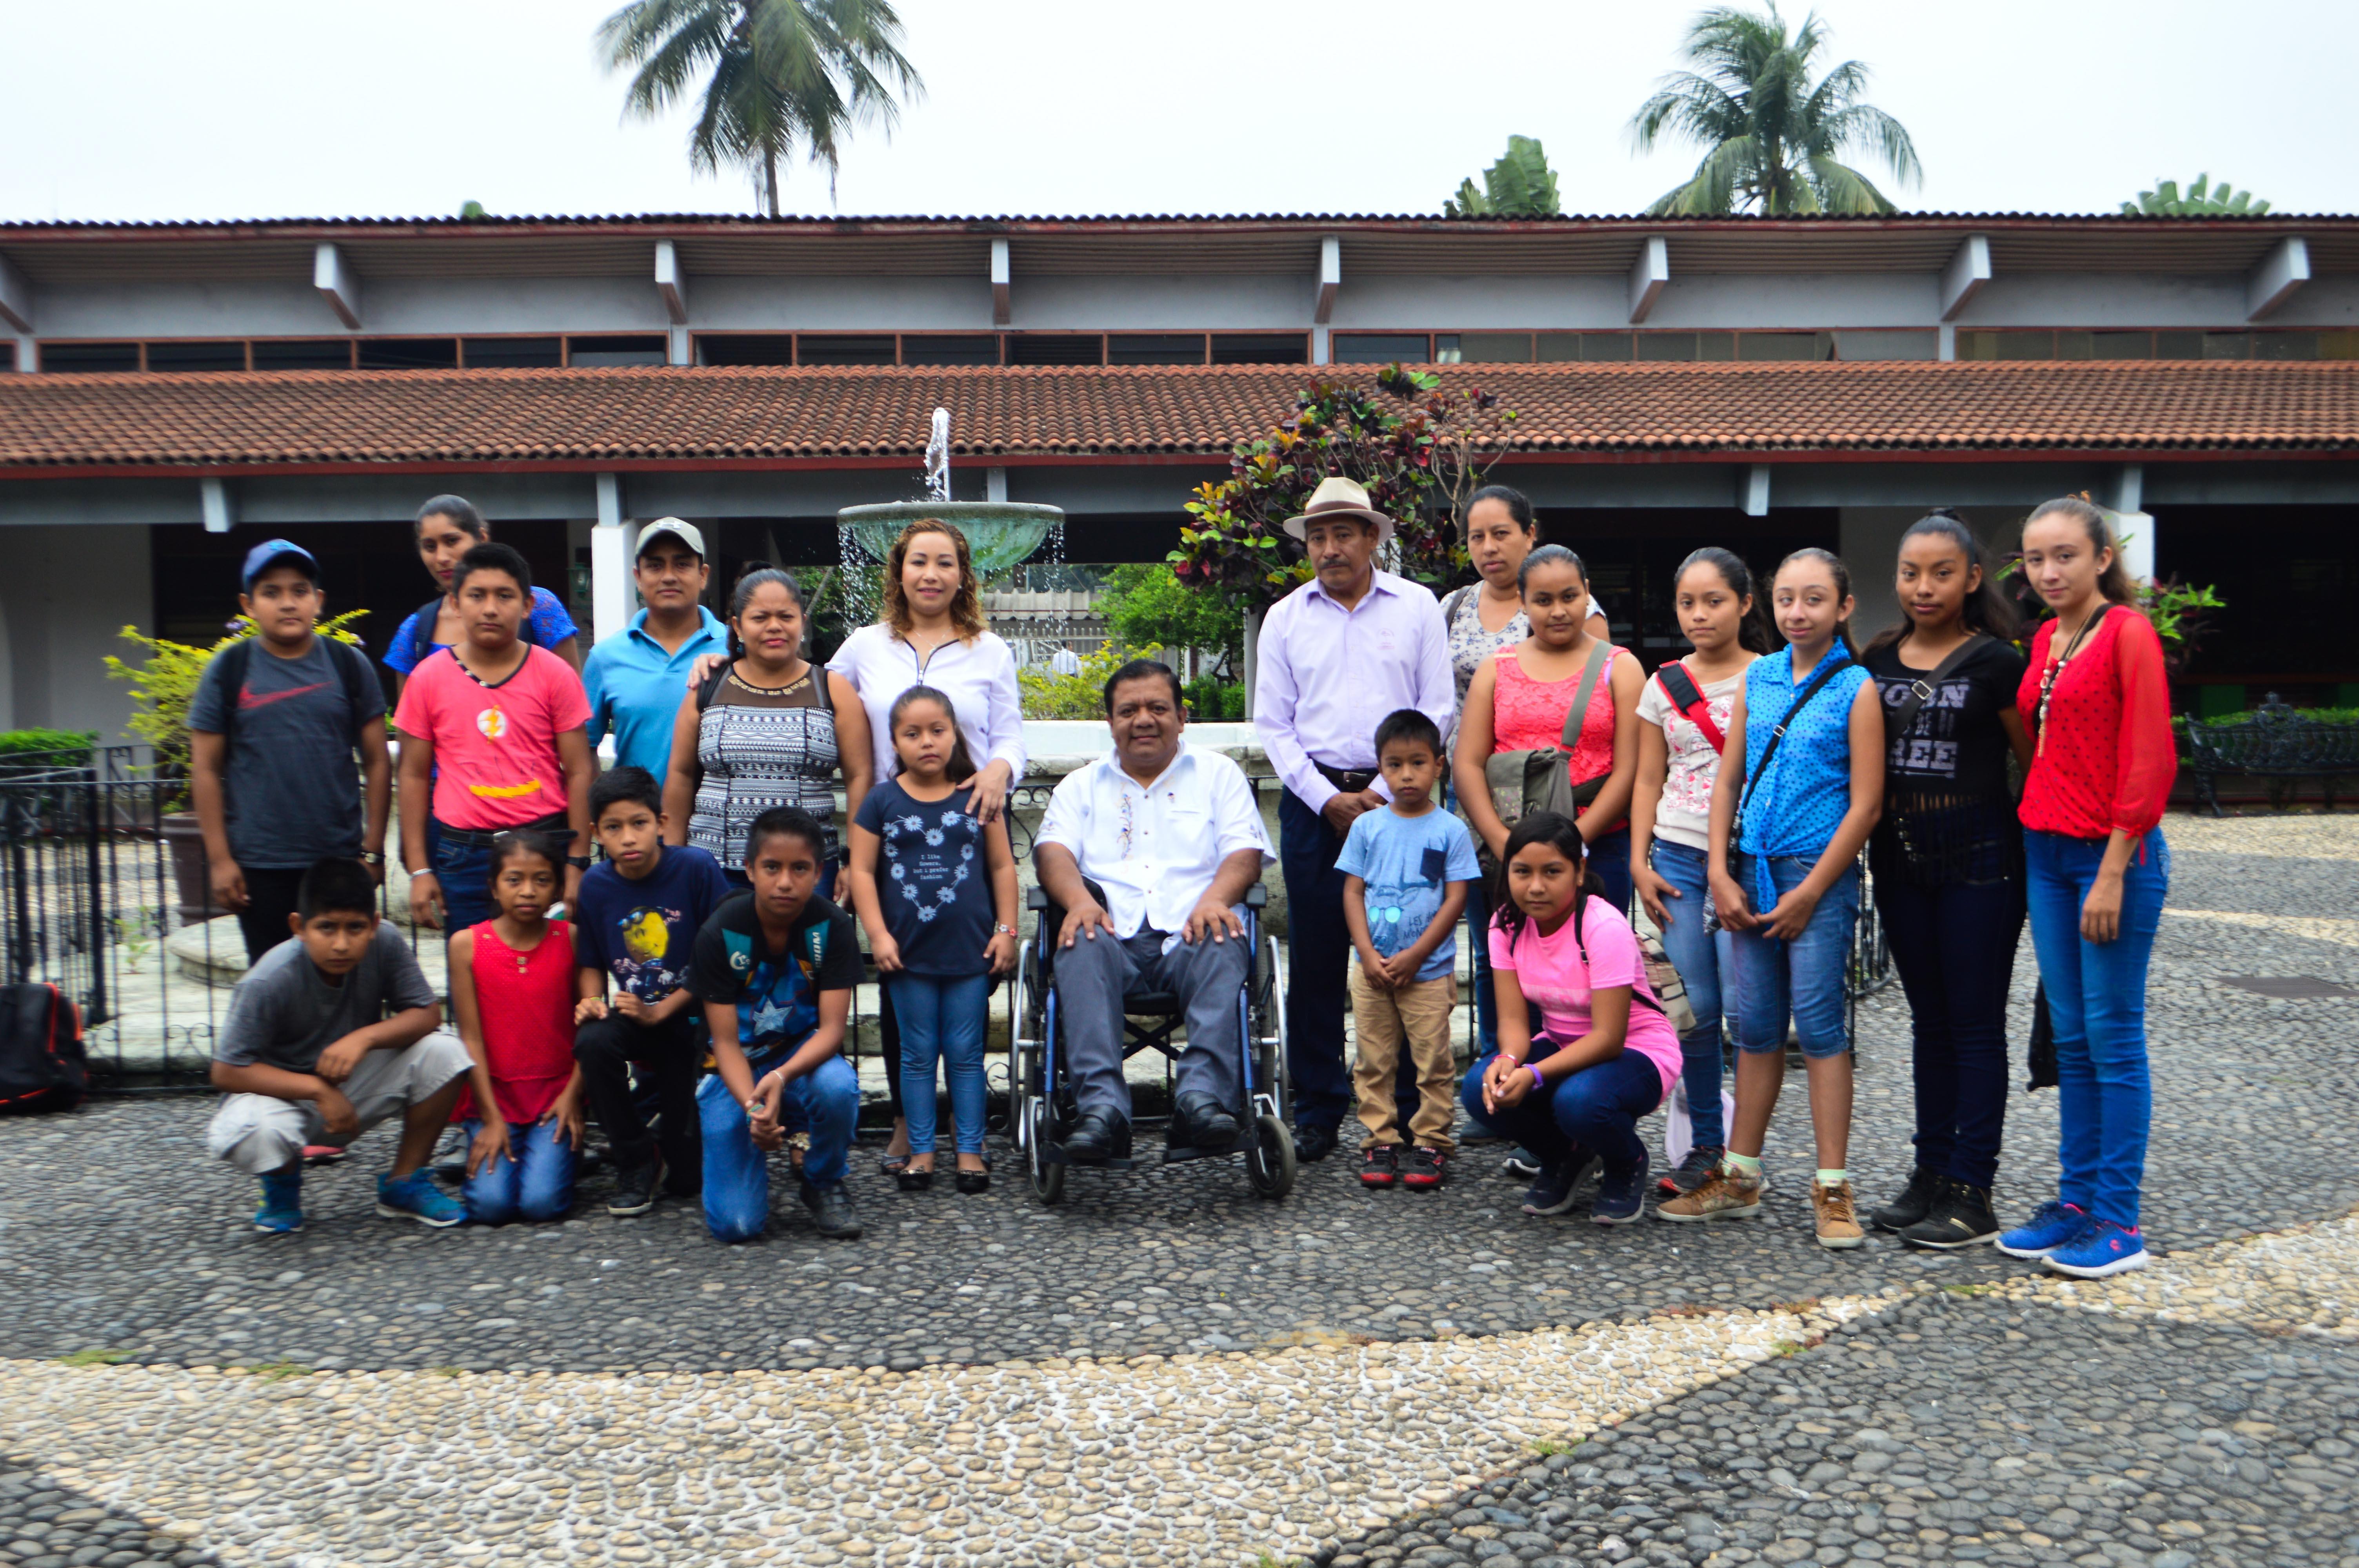 A petición de  niños y niñas de Buena Vista Gallardo… Presidenta DIF apoya la creación de orquesta infantil comunitaria